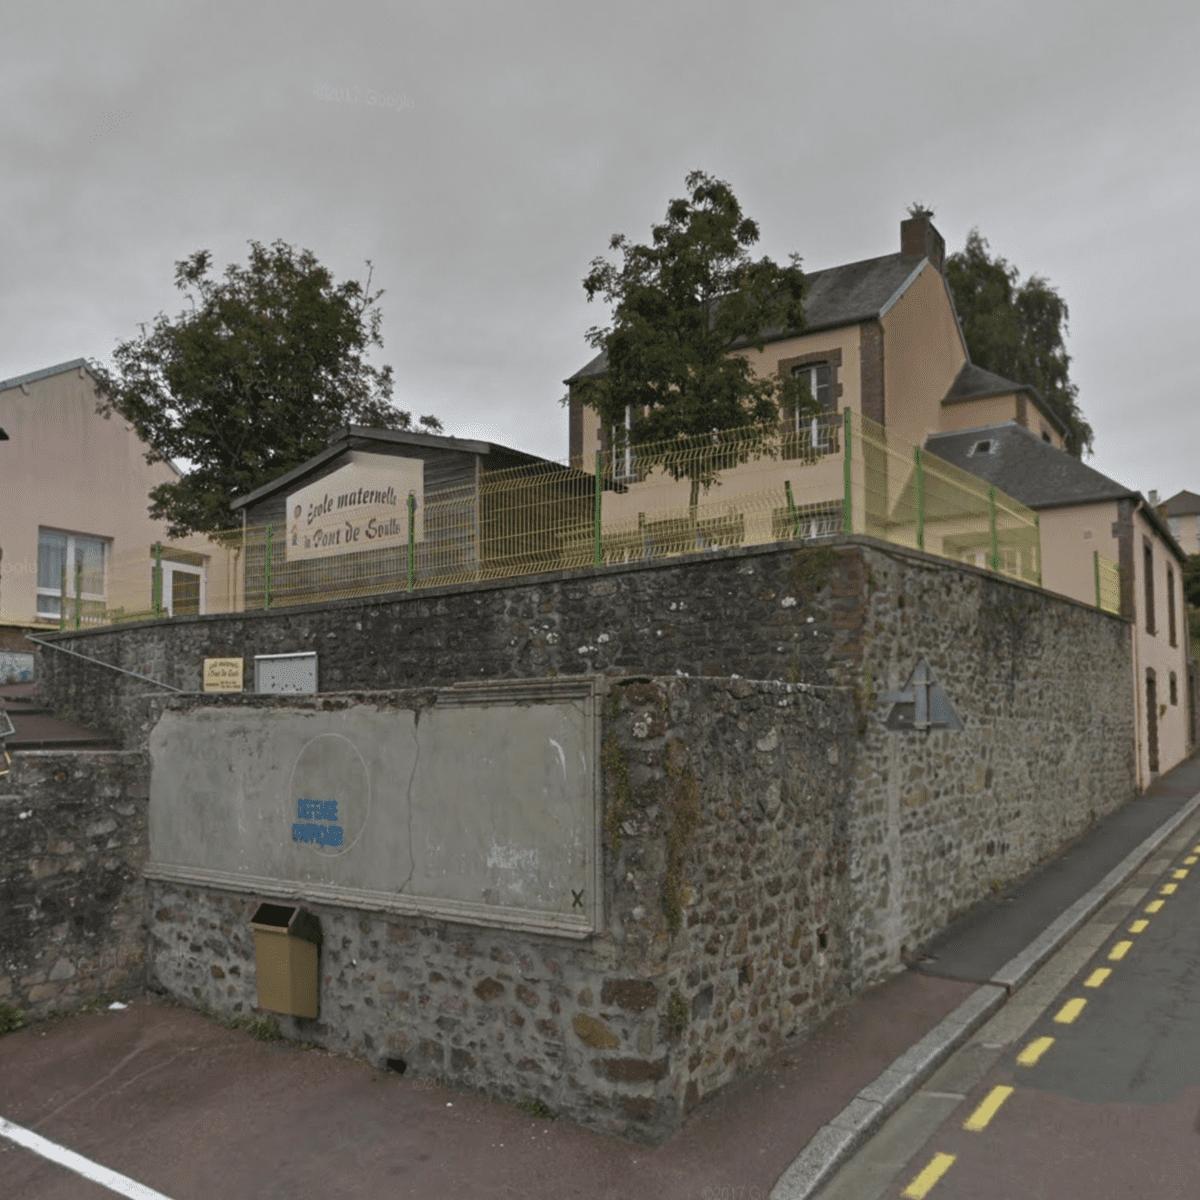 École maternelle du Pont de soulle